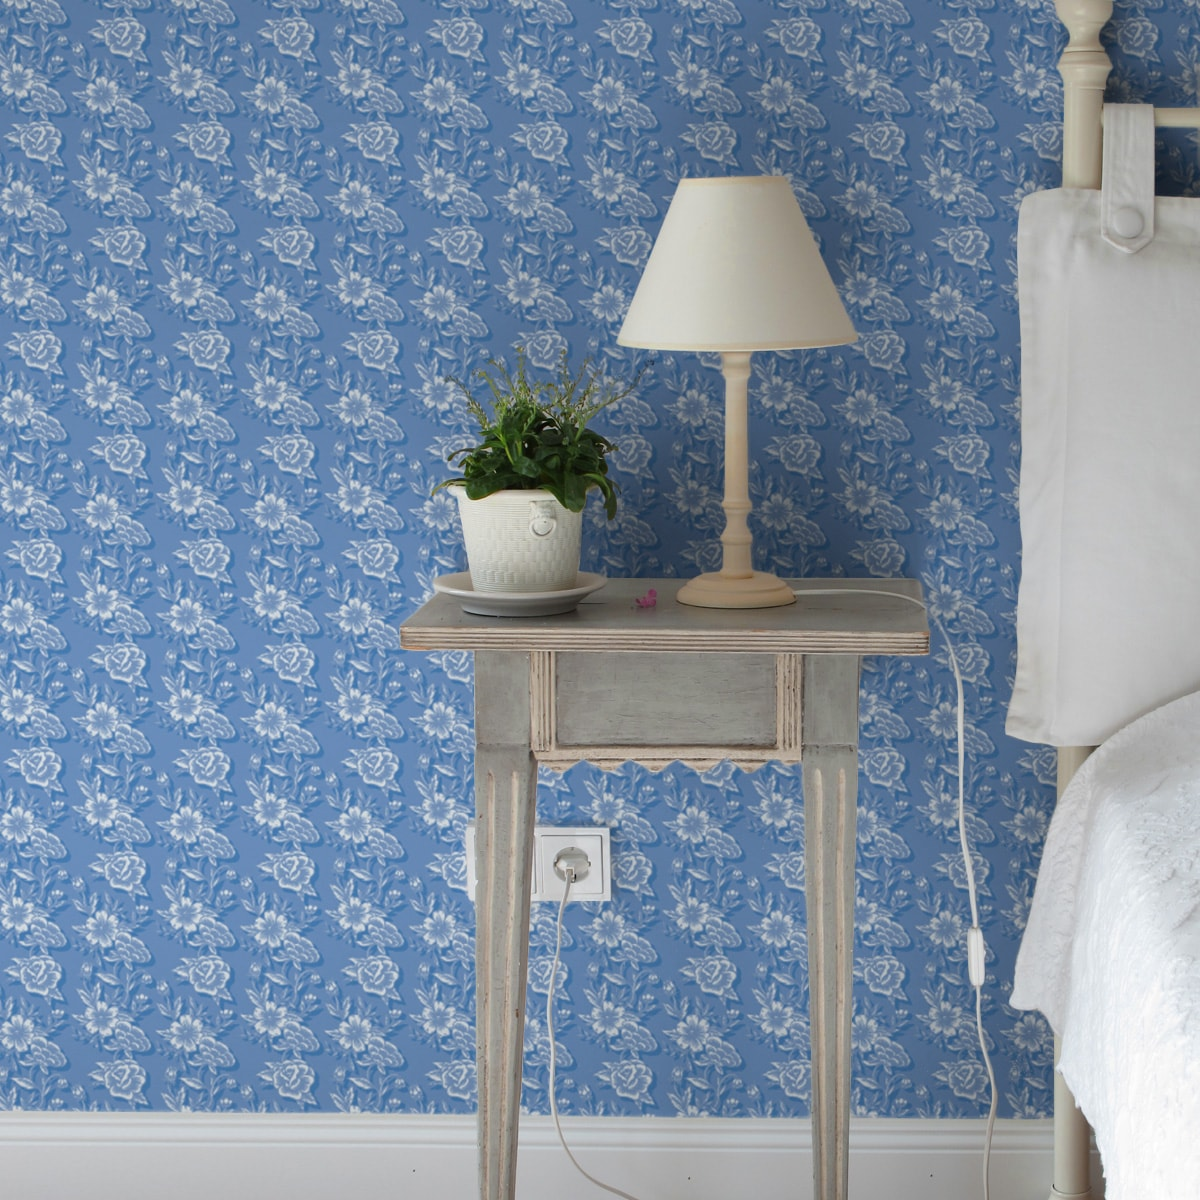 Schlafzimmer tapezieren in mittelblau: